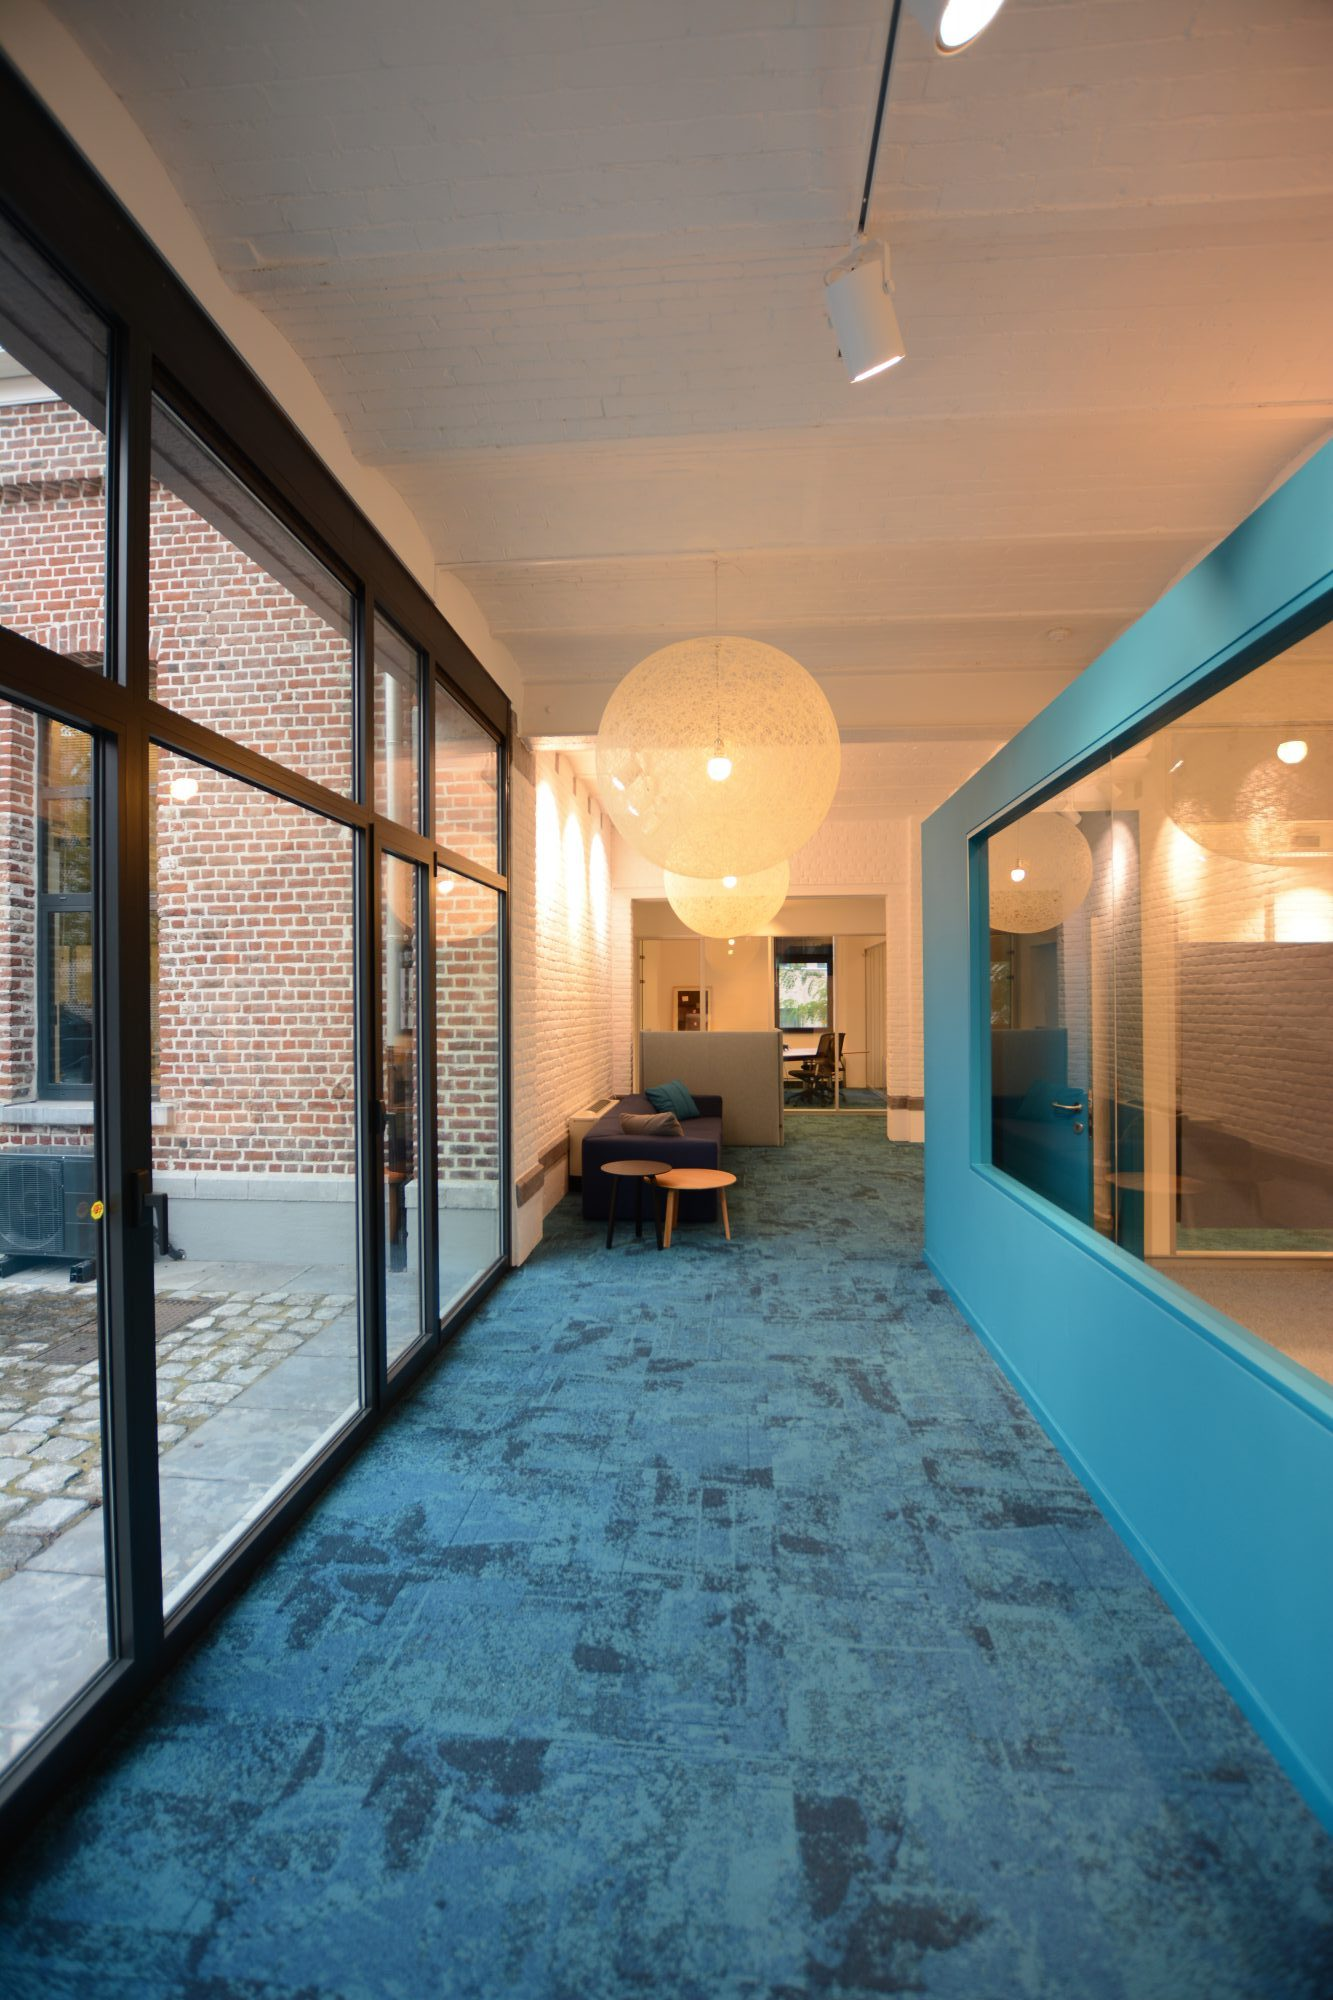 gang met blauw tapijt en muur